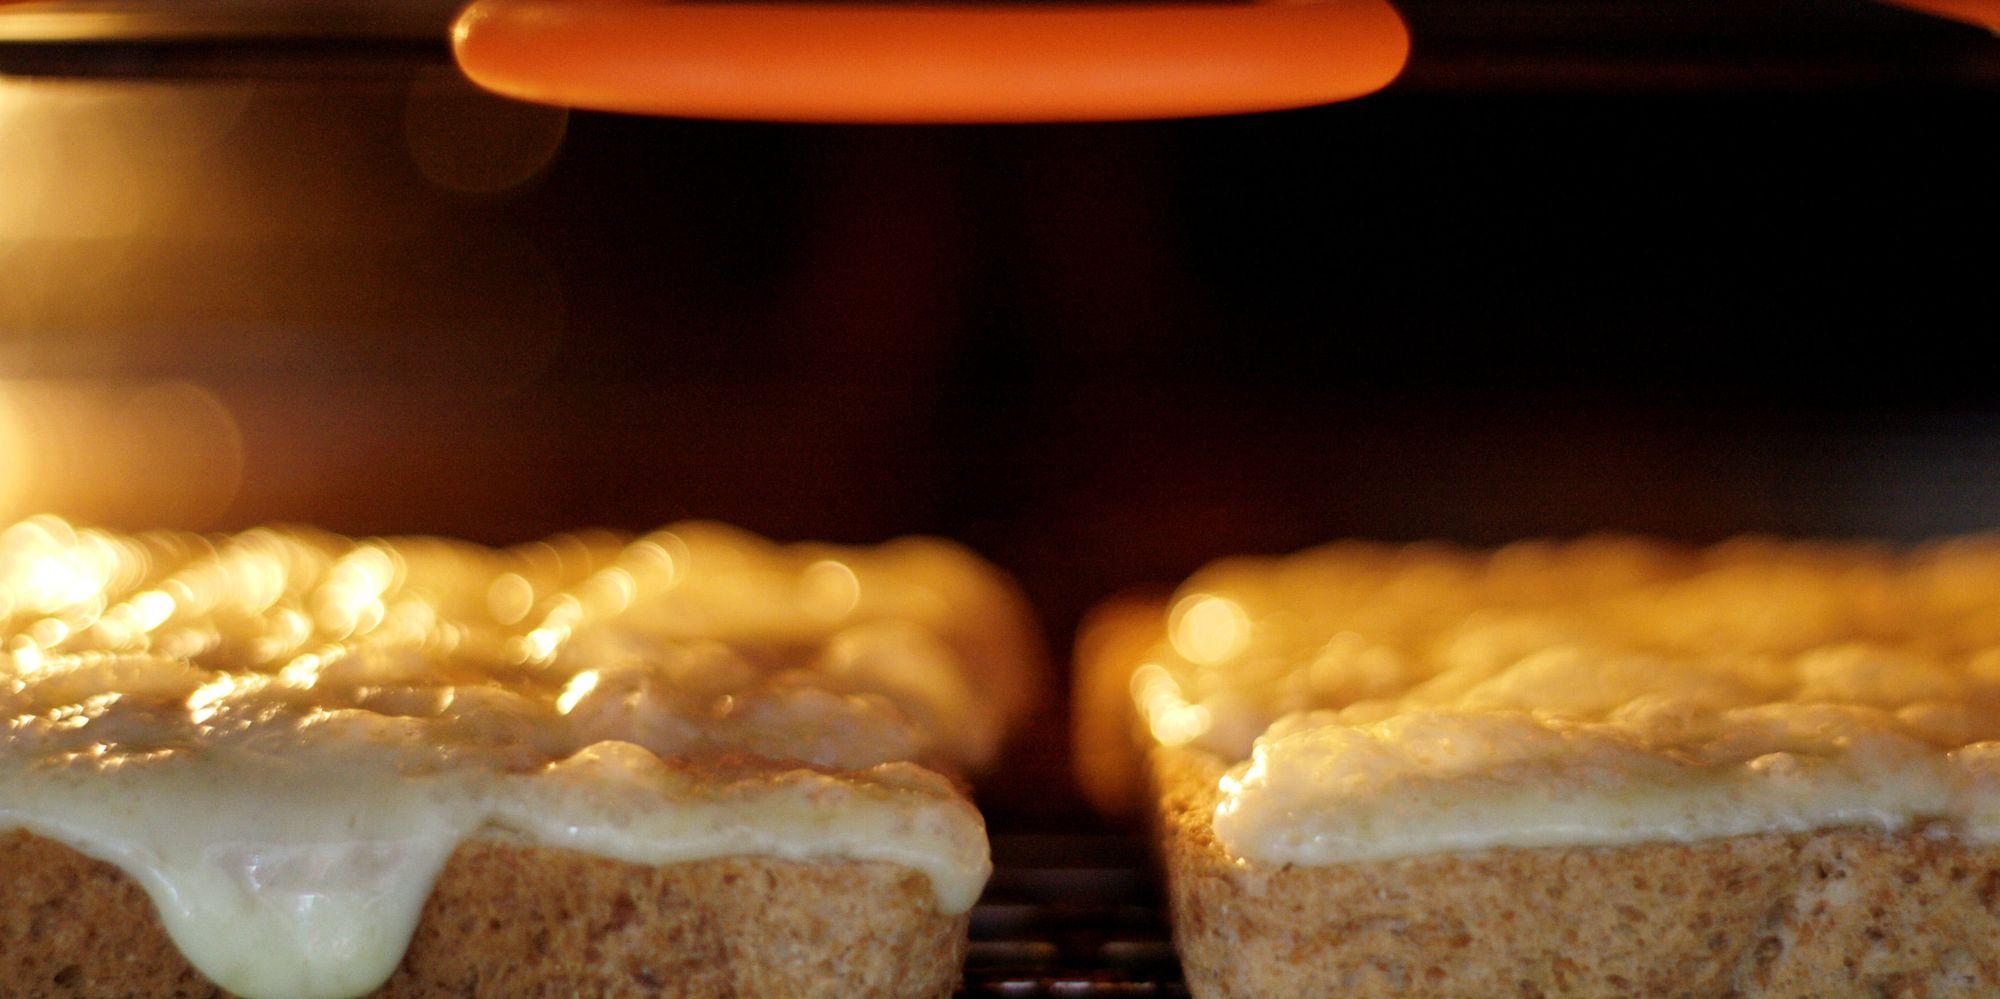 Harvie krumpet essay image 2